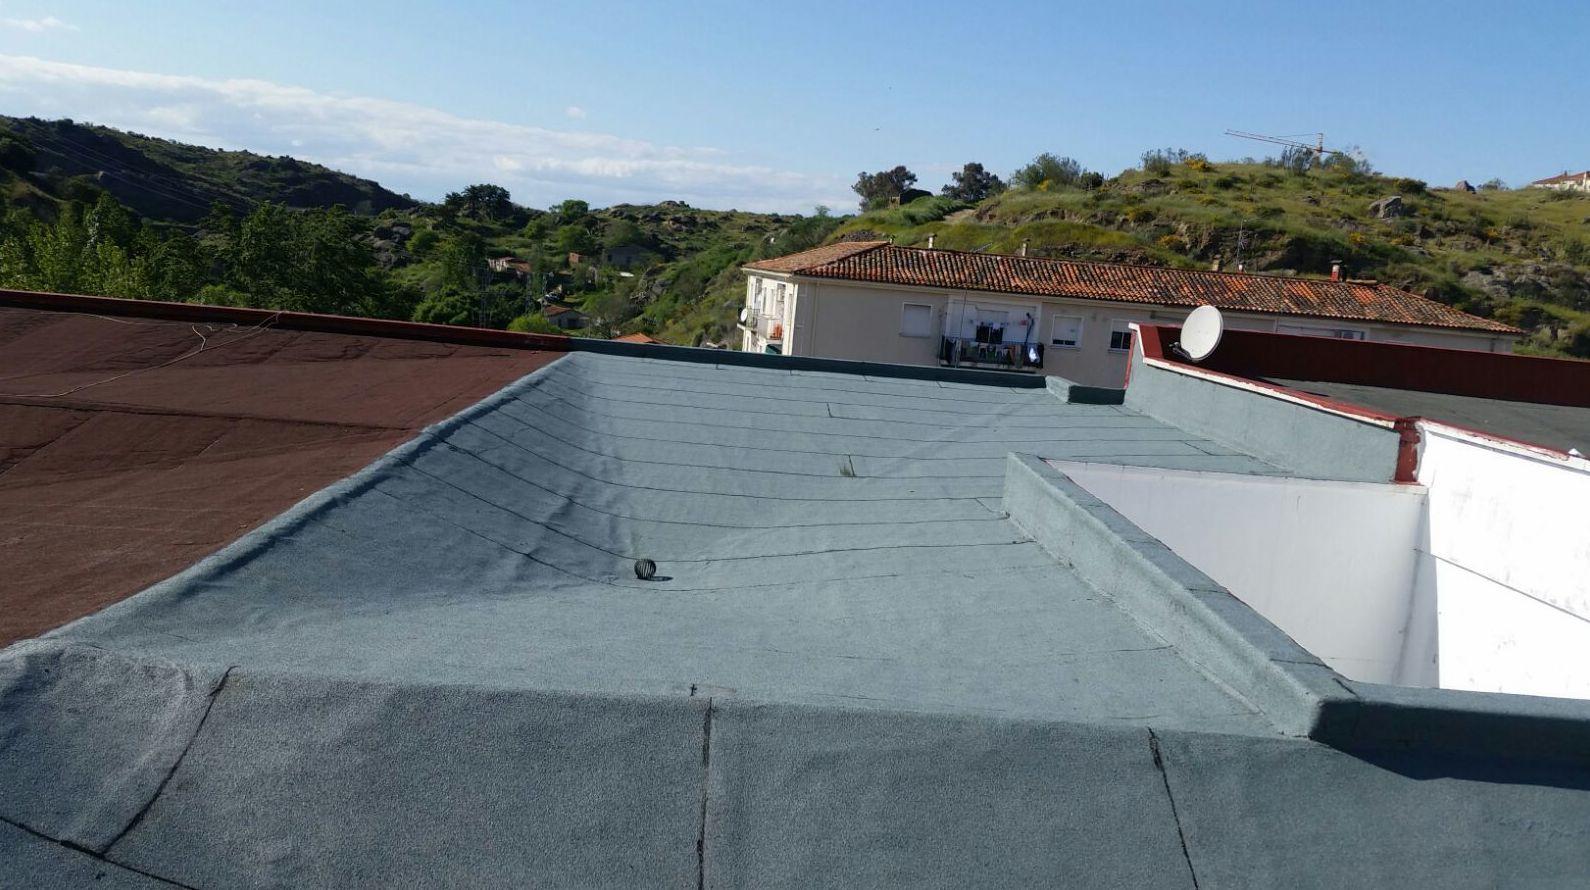 Reformas de cubiertas con tela asfáltica en Ávila